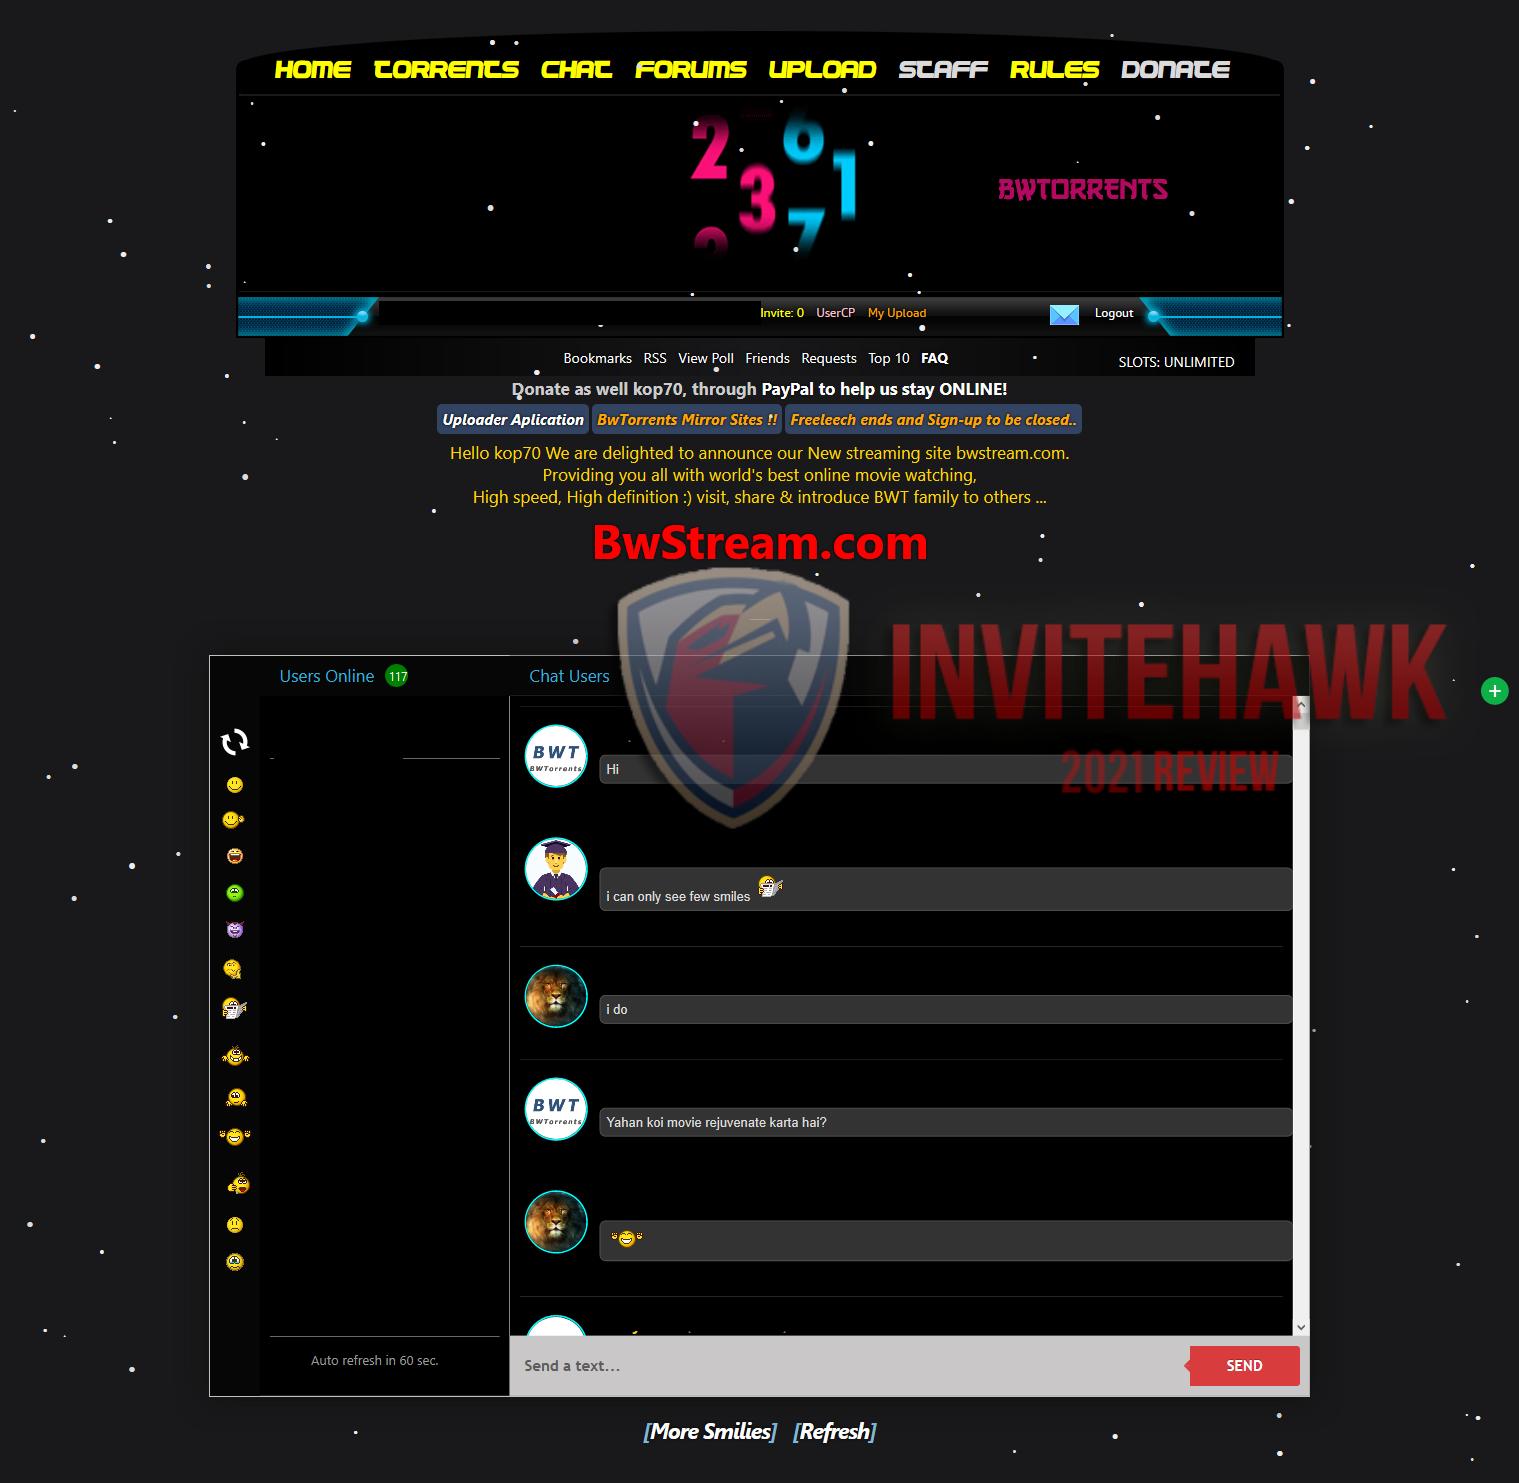 Screenshot-2020-12-31-Bw-Torrents-Chat.p